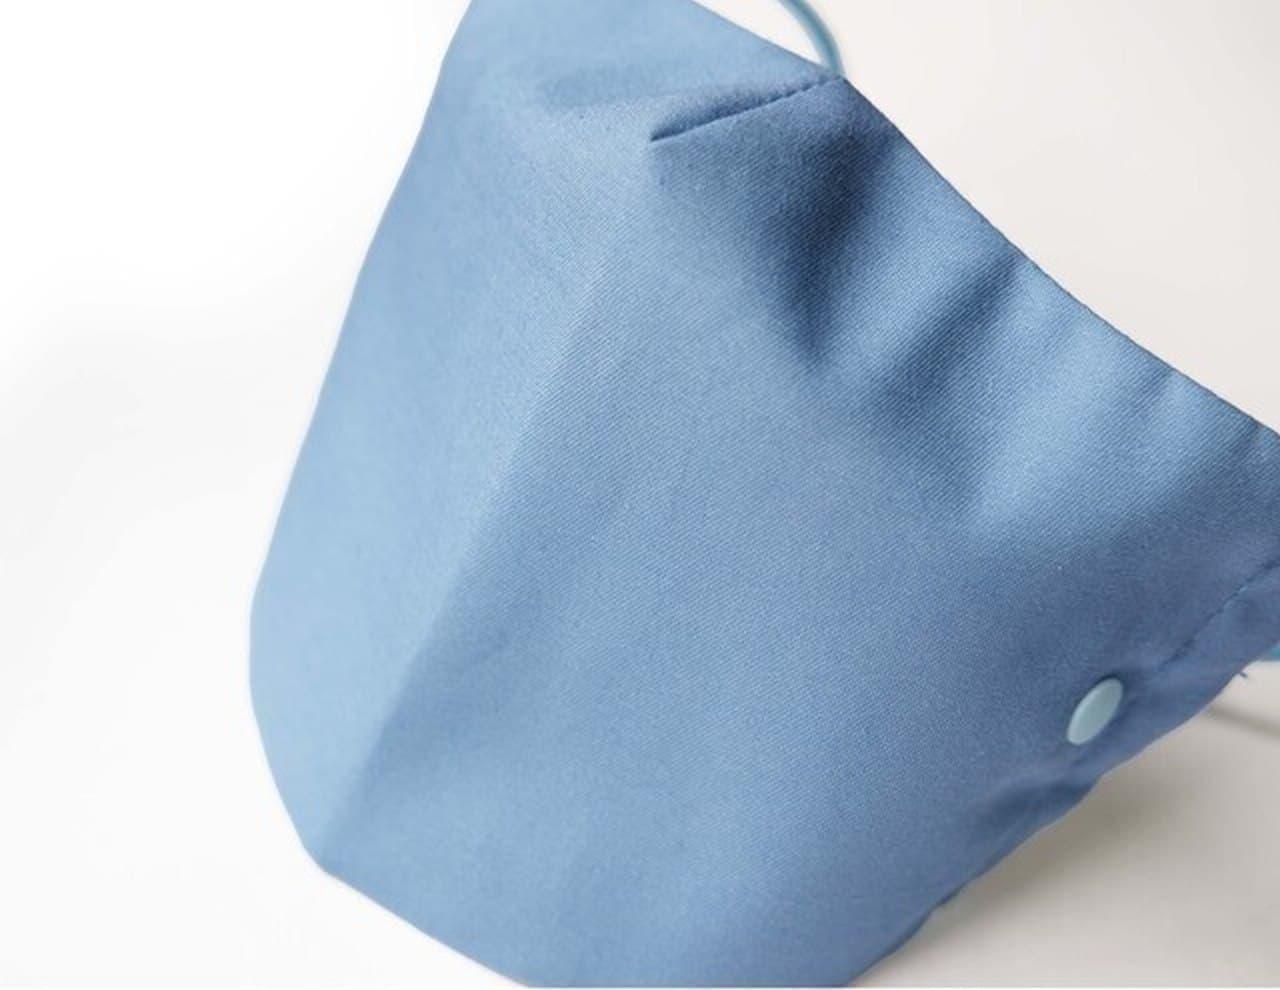 使わないときはパチンと閉じる ケースがいらない「サッと収納マスク」